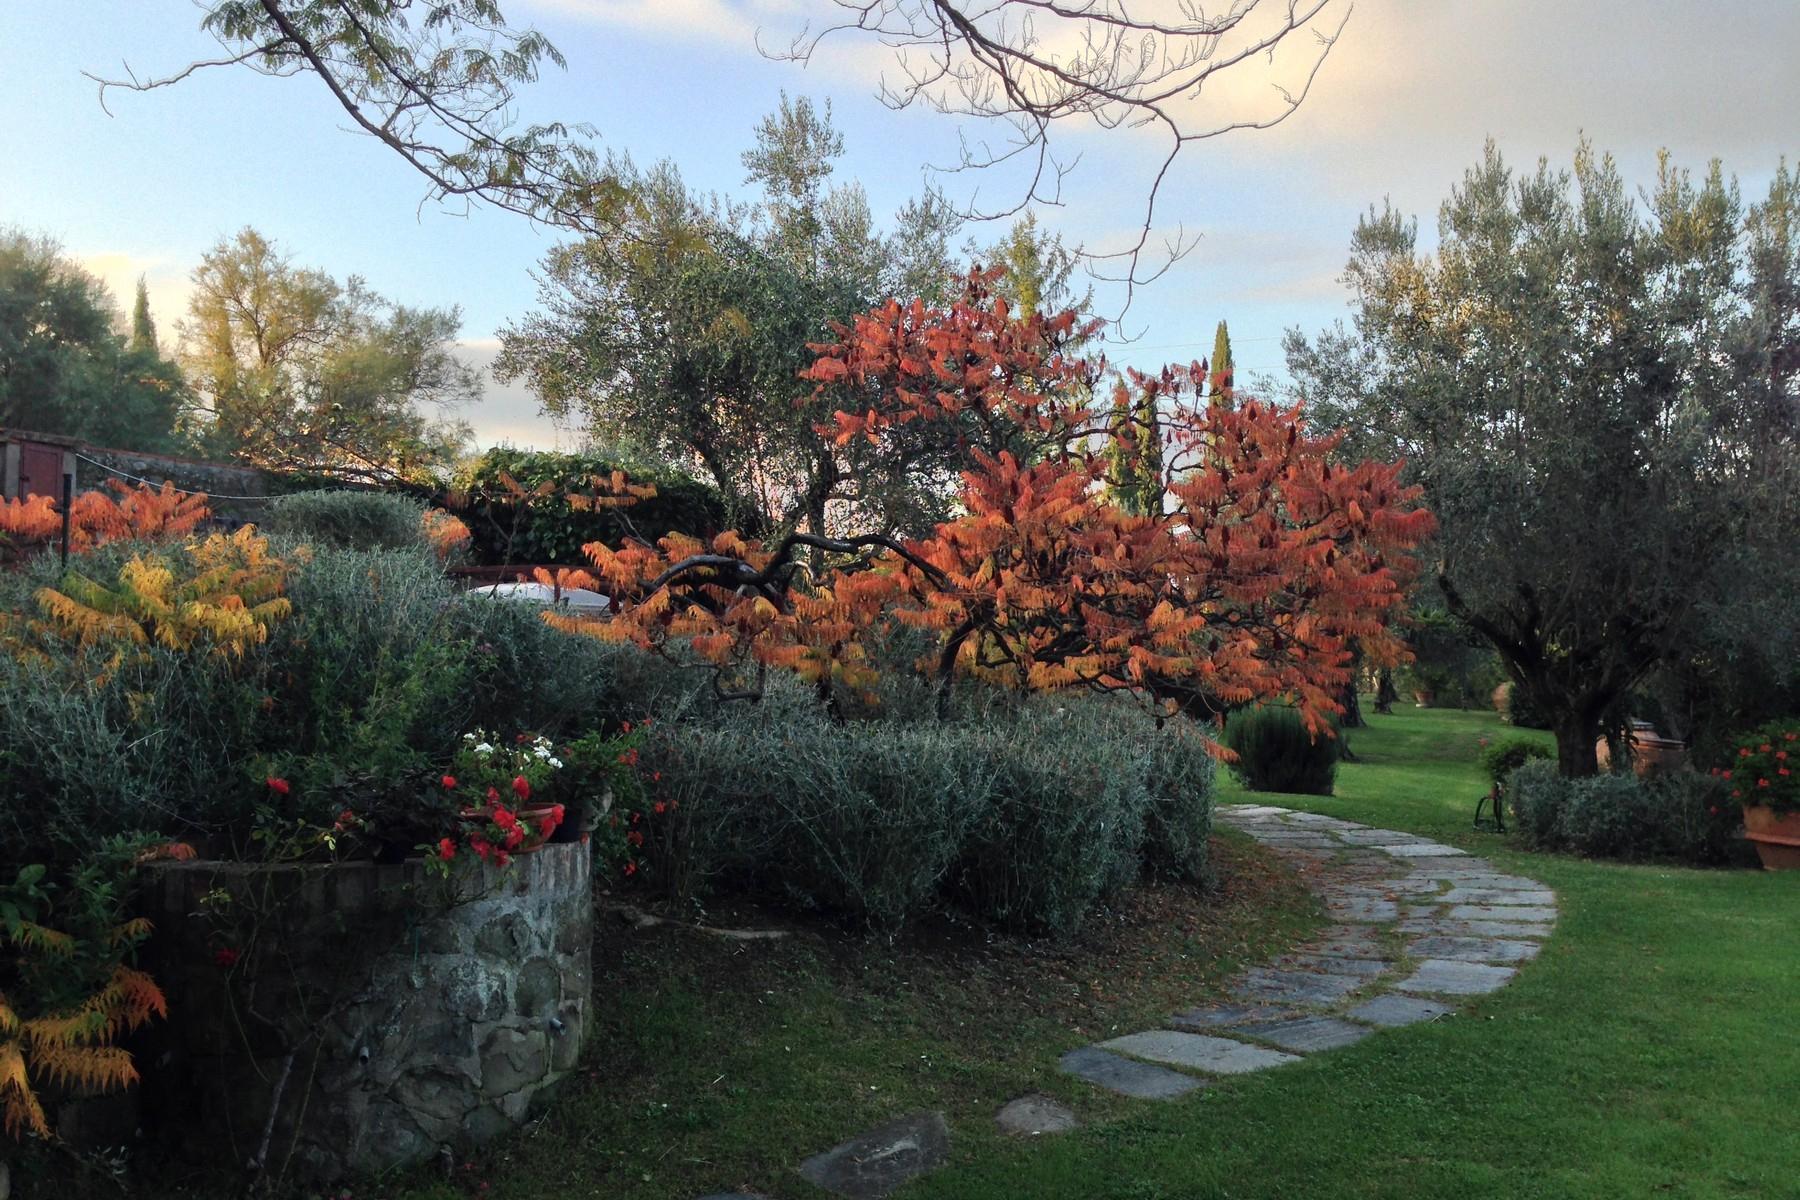 Superbe propriété avec jardin d'hiver, court de tennis et piscine - 30